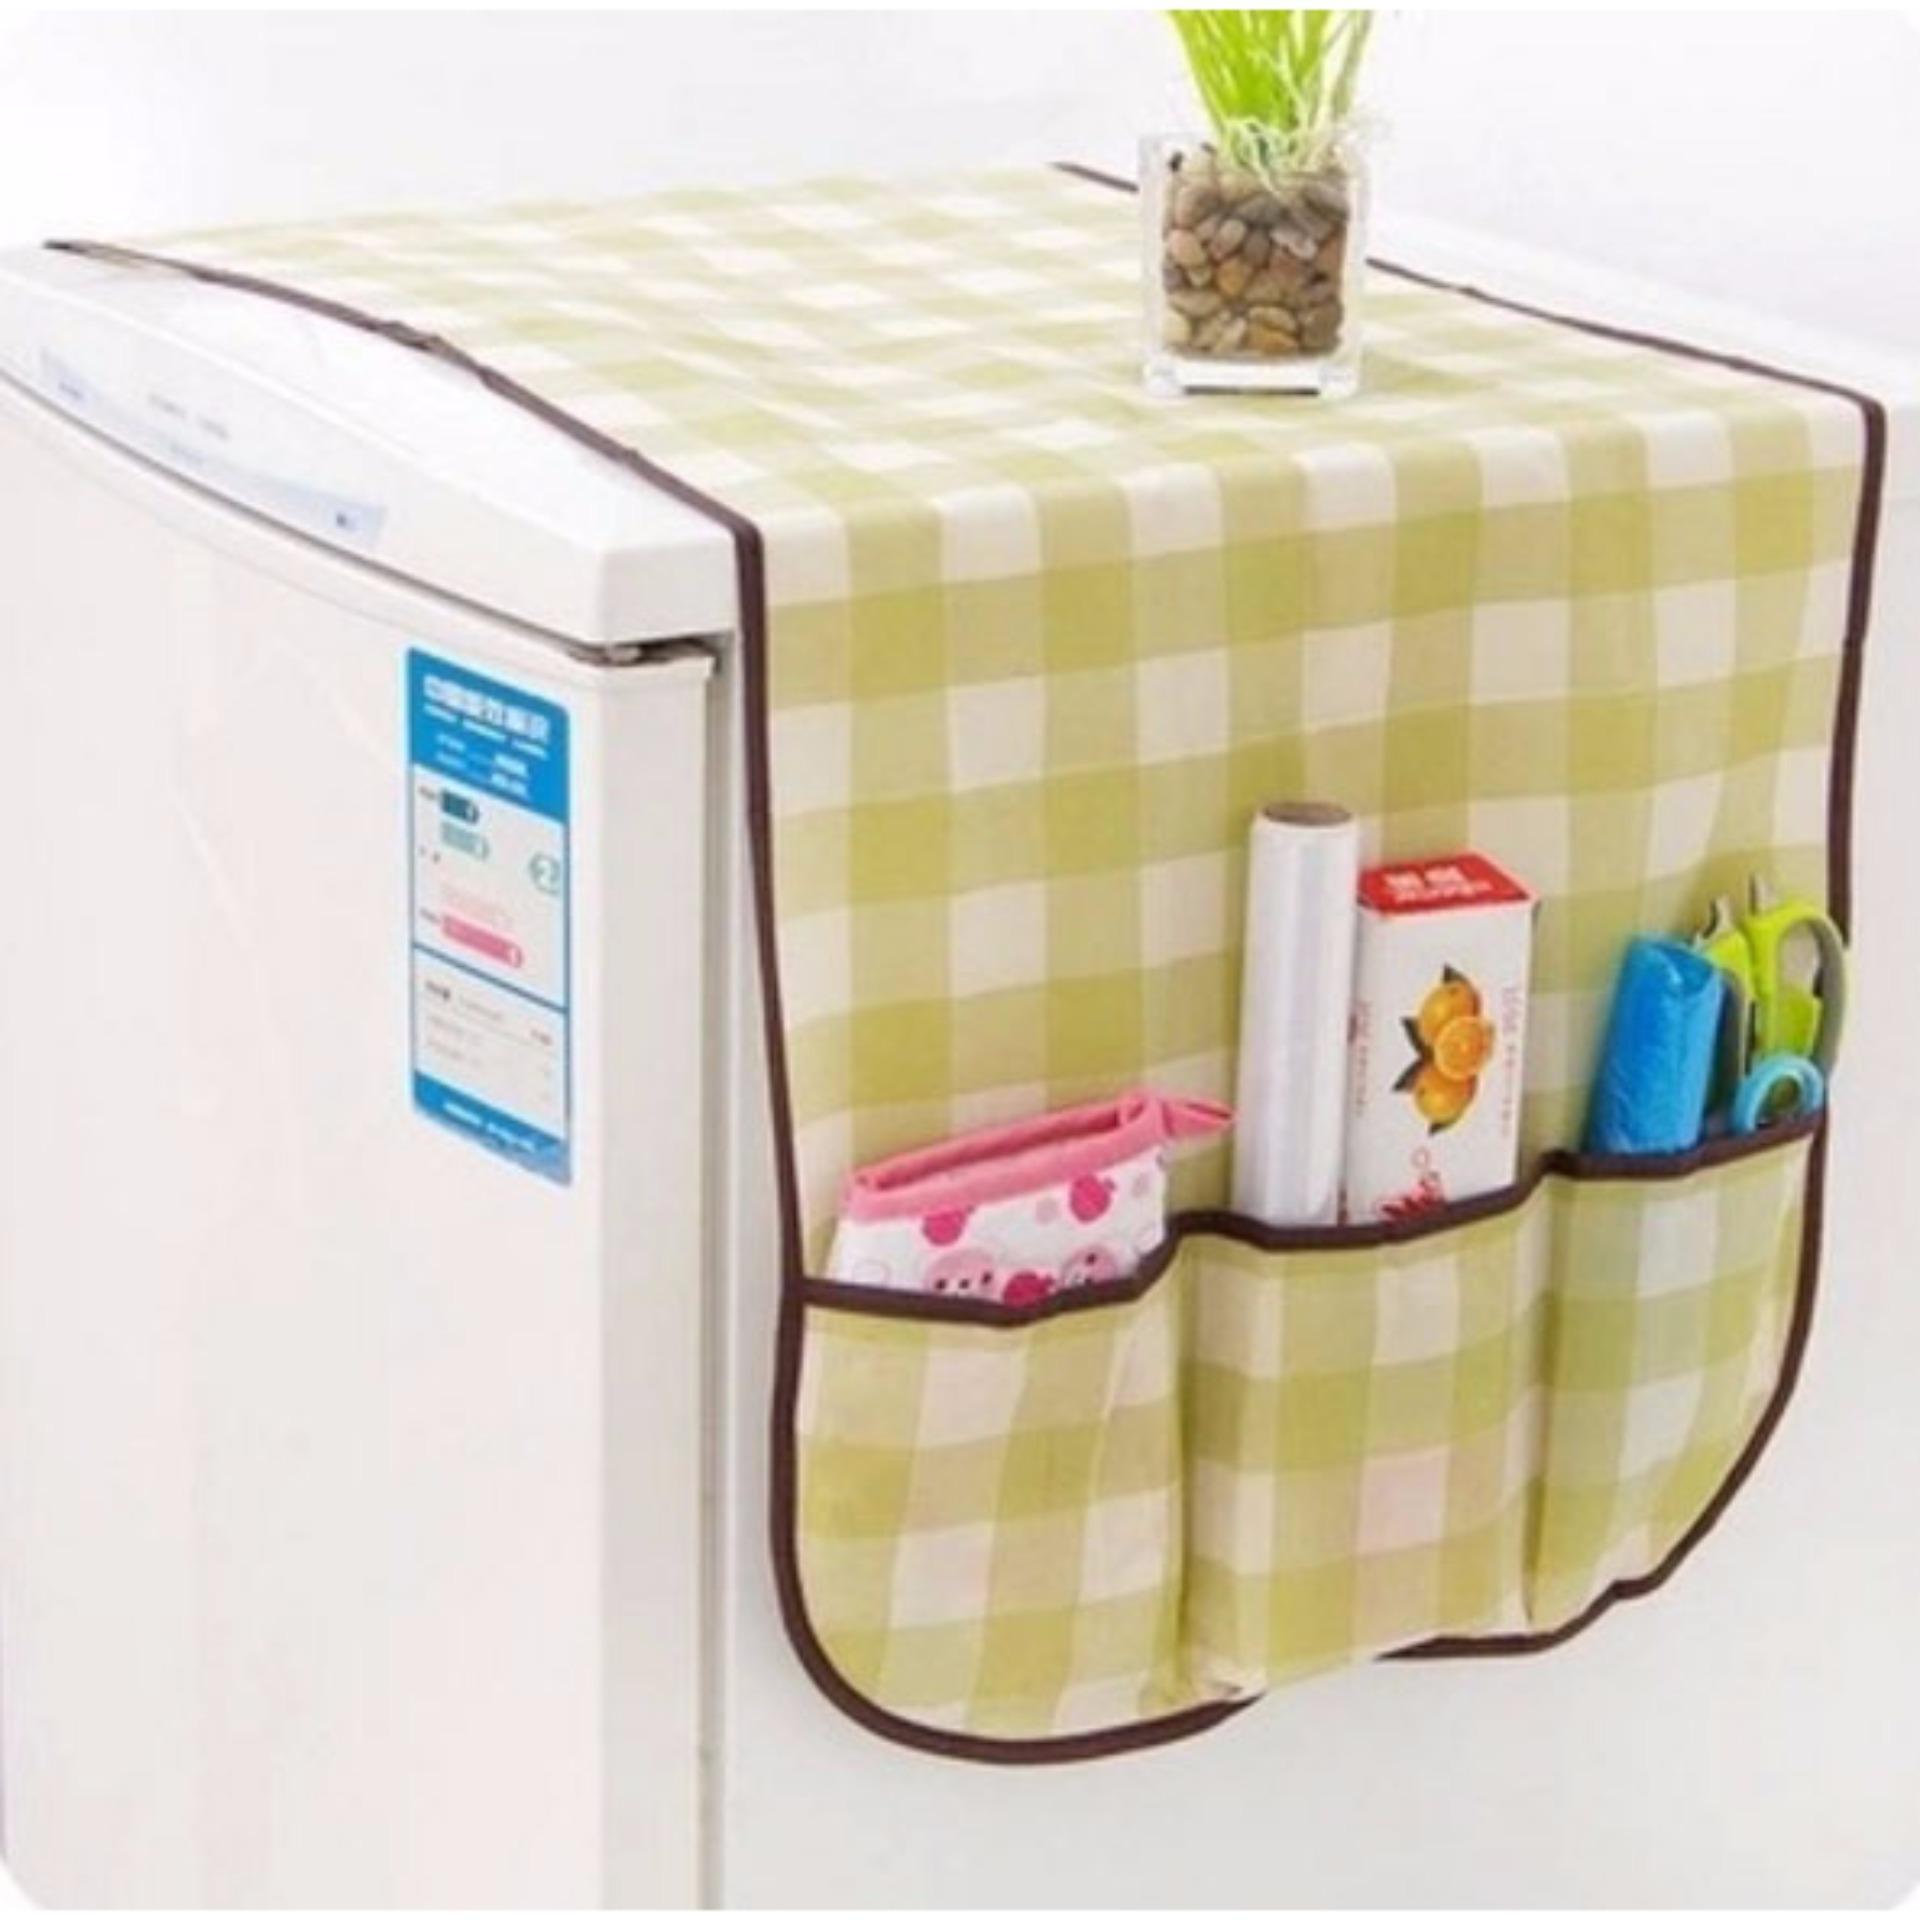 Tấm che tủ lạnh chứa đồ đa năng